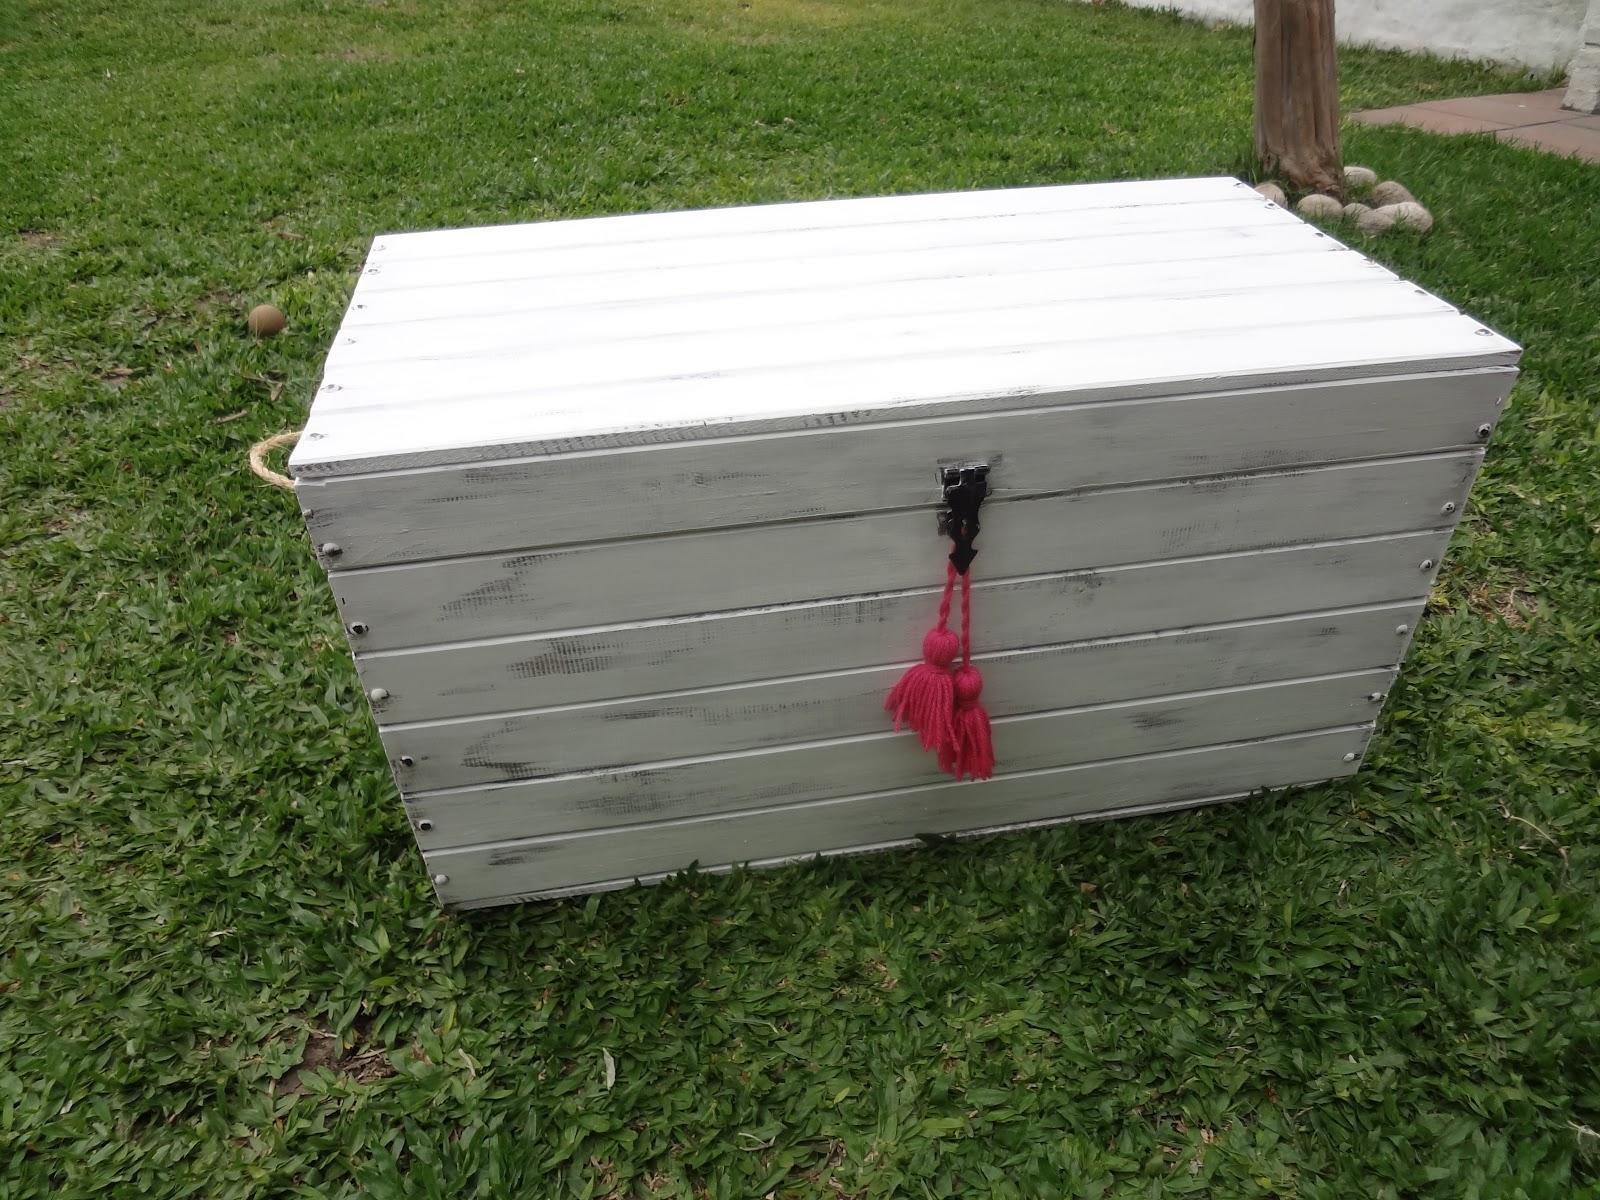 Blanco antiguo deco baul - Como decorar un baul de madera ...